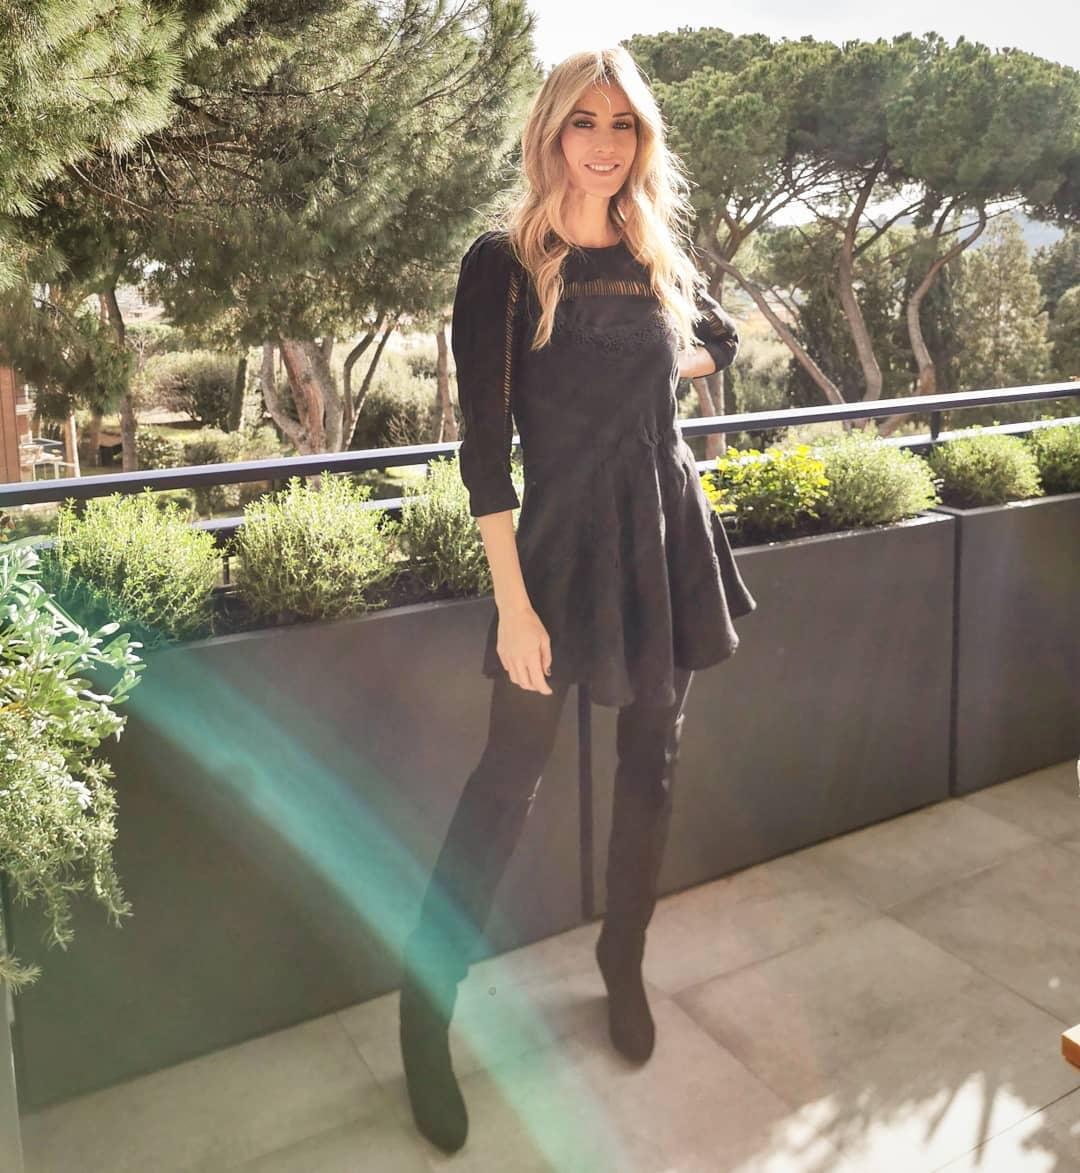 Elena-Santarelli-Wallpapers-Insta-Fit-Bio-6